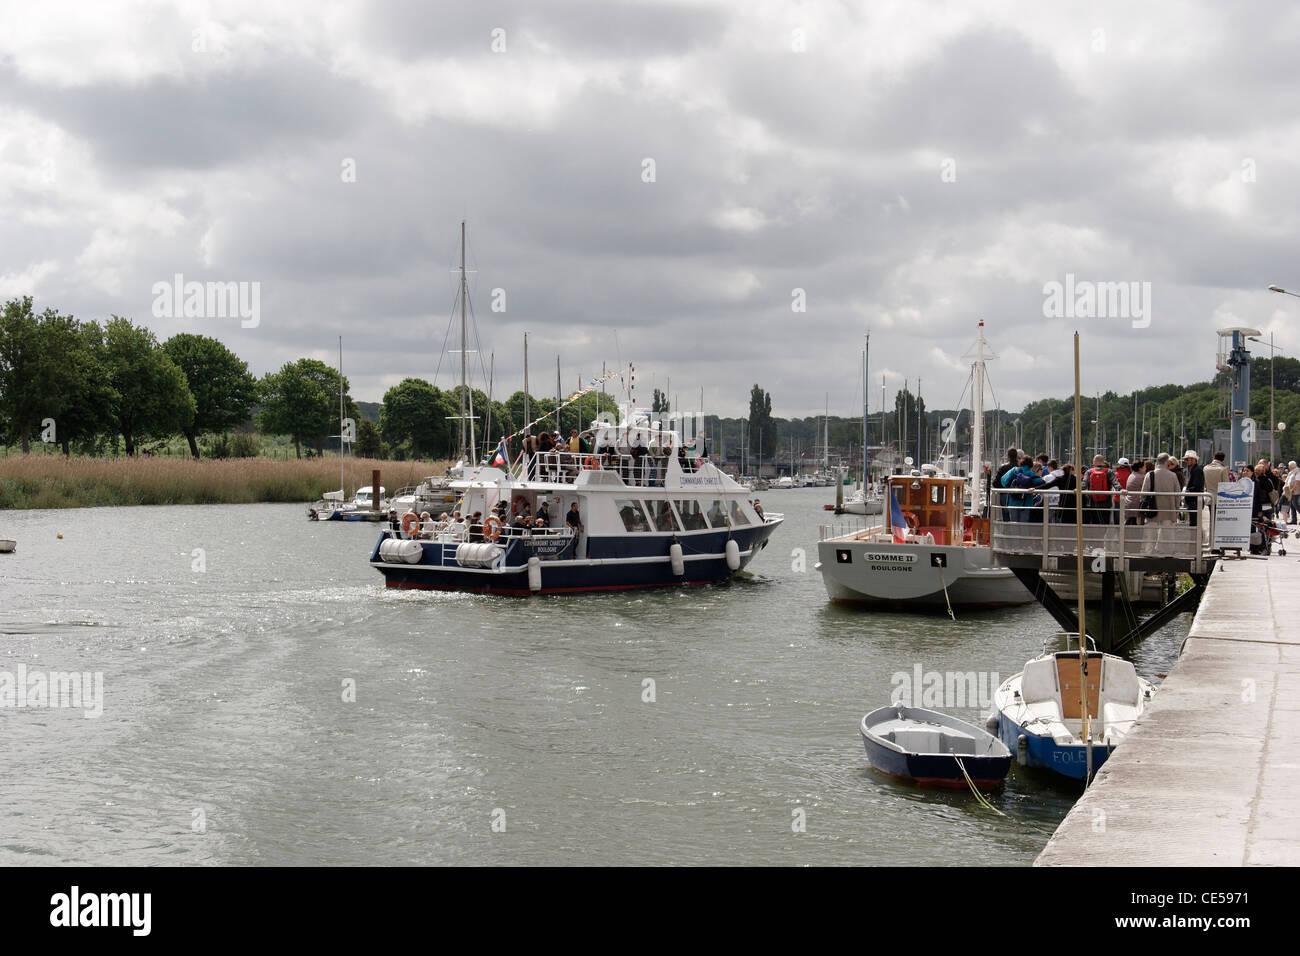 Pleasure boat entering (Bateaux promenade entrant) Saint-Valery-sur-Somme. - Stock Image